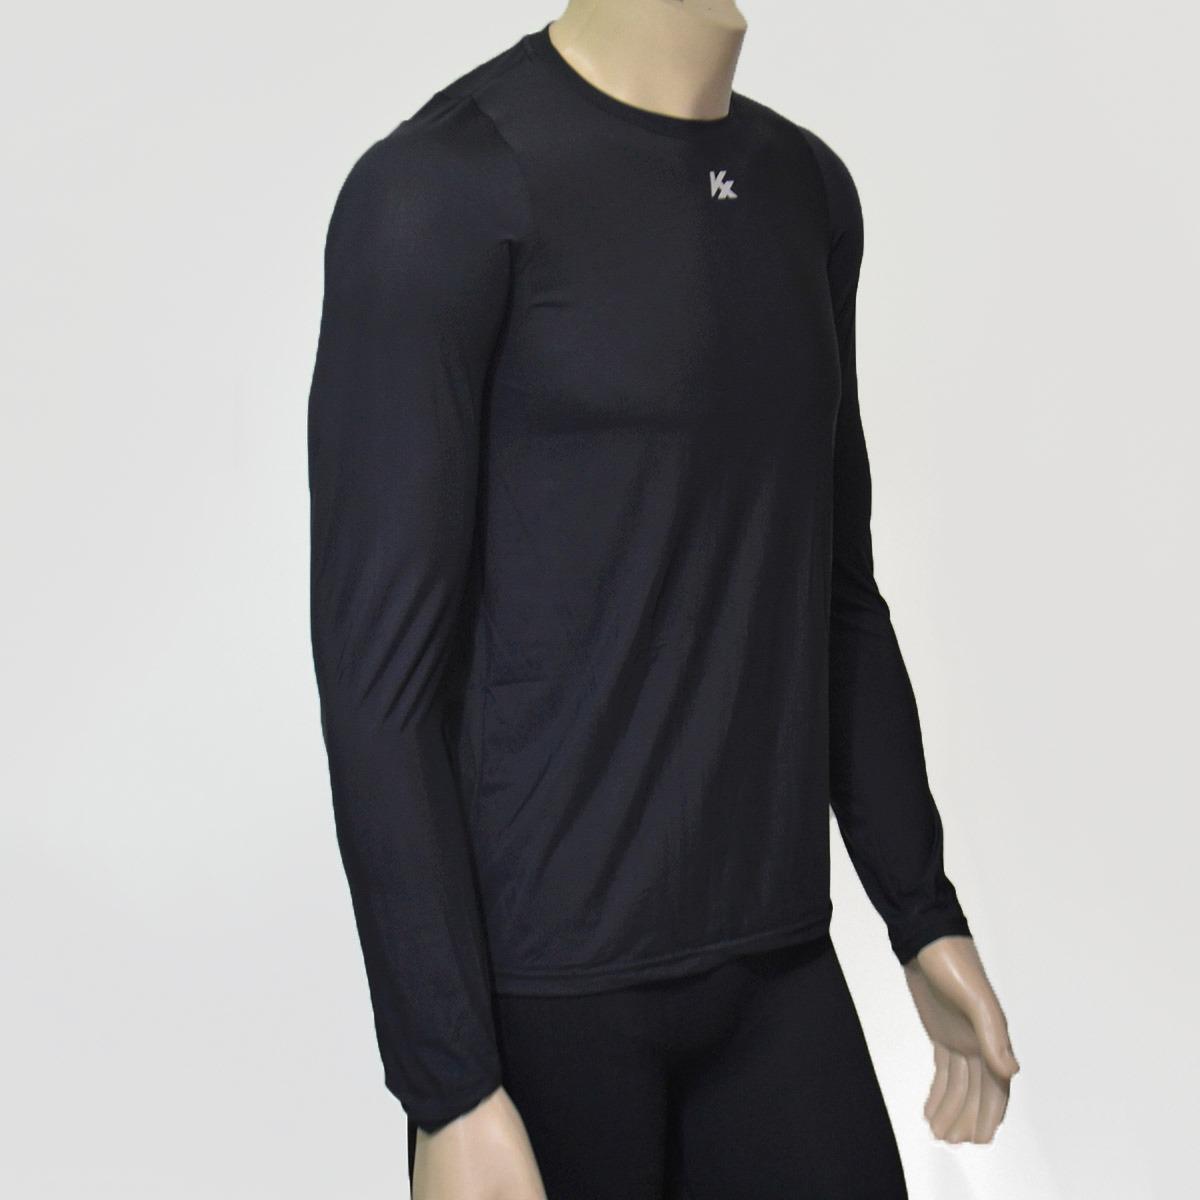 Carregando zoom... manga longa camisa. Carregando zoom... camisa térmica  kanxa alta compressão manga longa poliamida fa5efaa0c500d